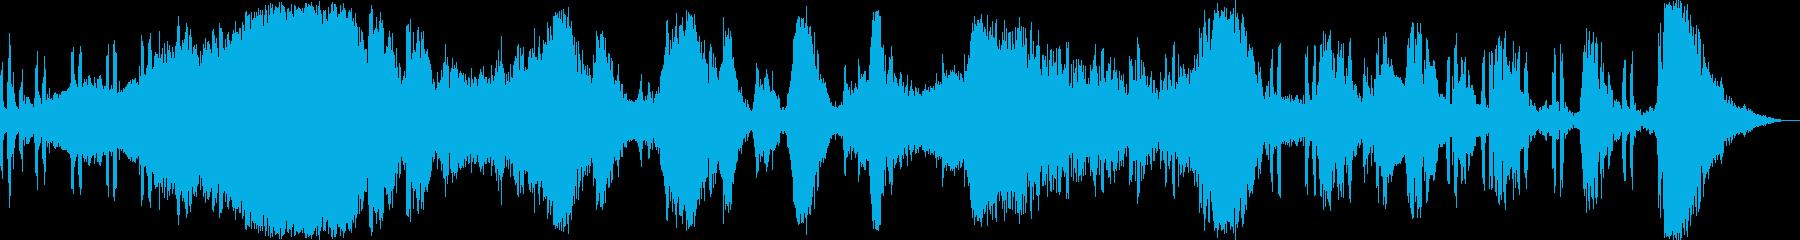 ホラー 映画 CM 『デッドレース』の再生済みの波形